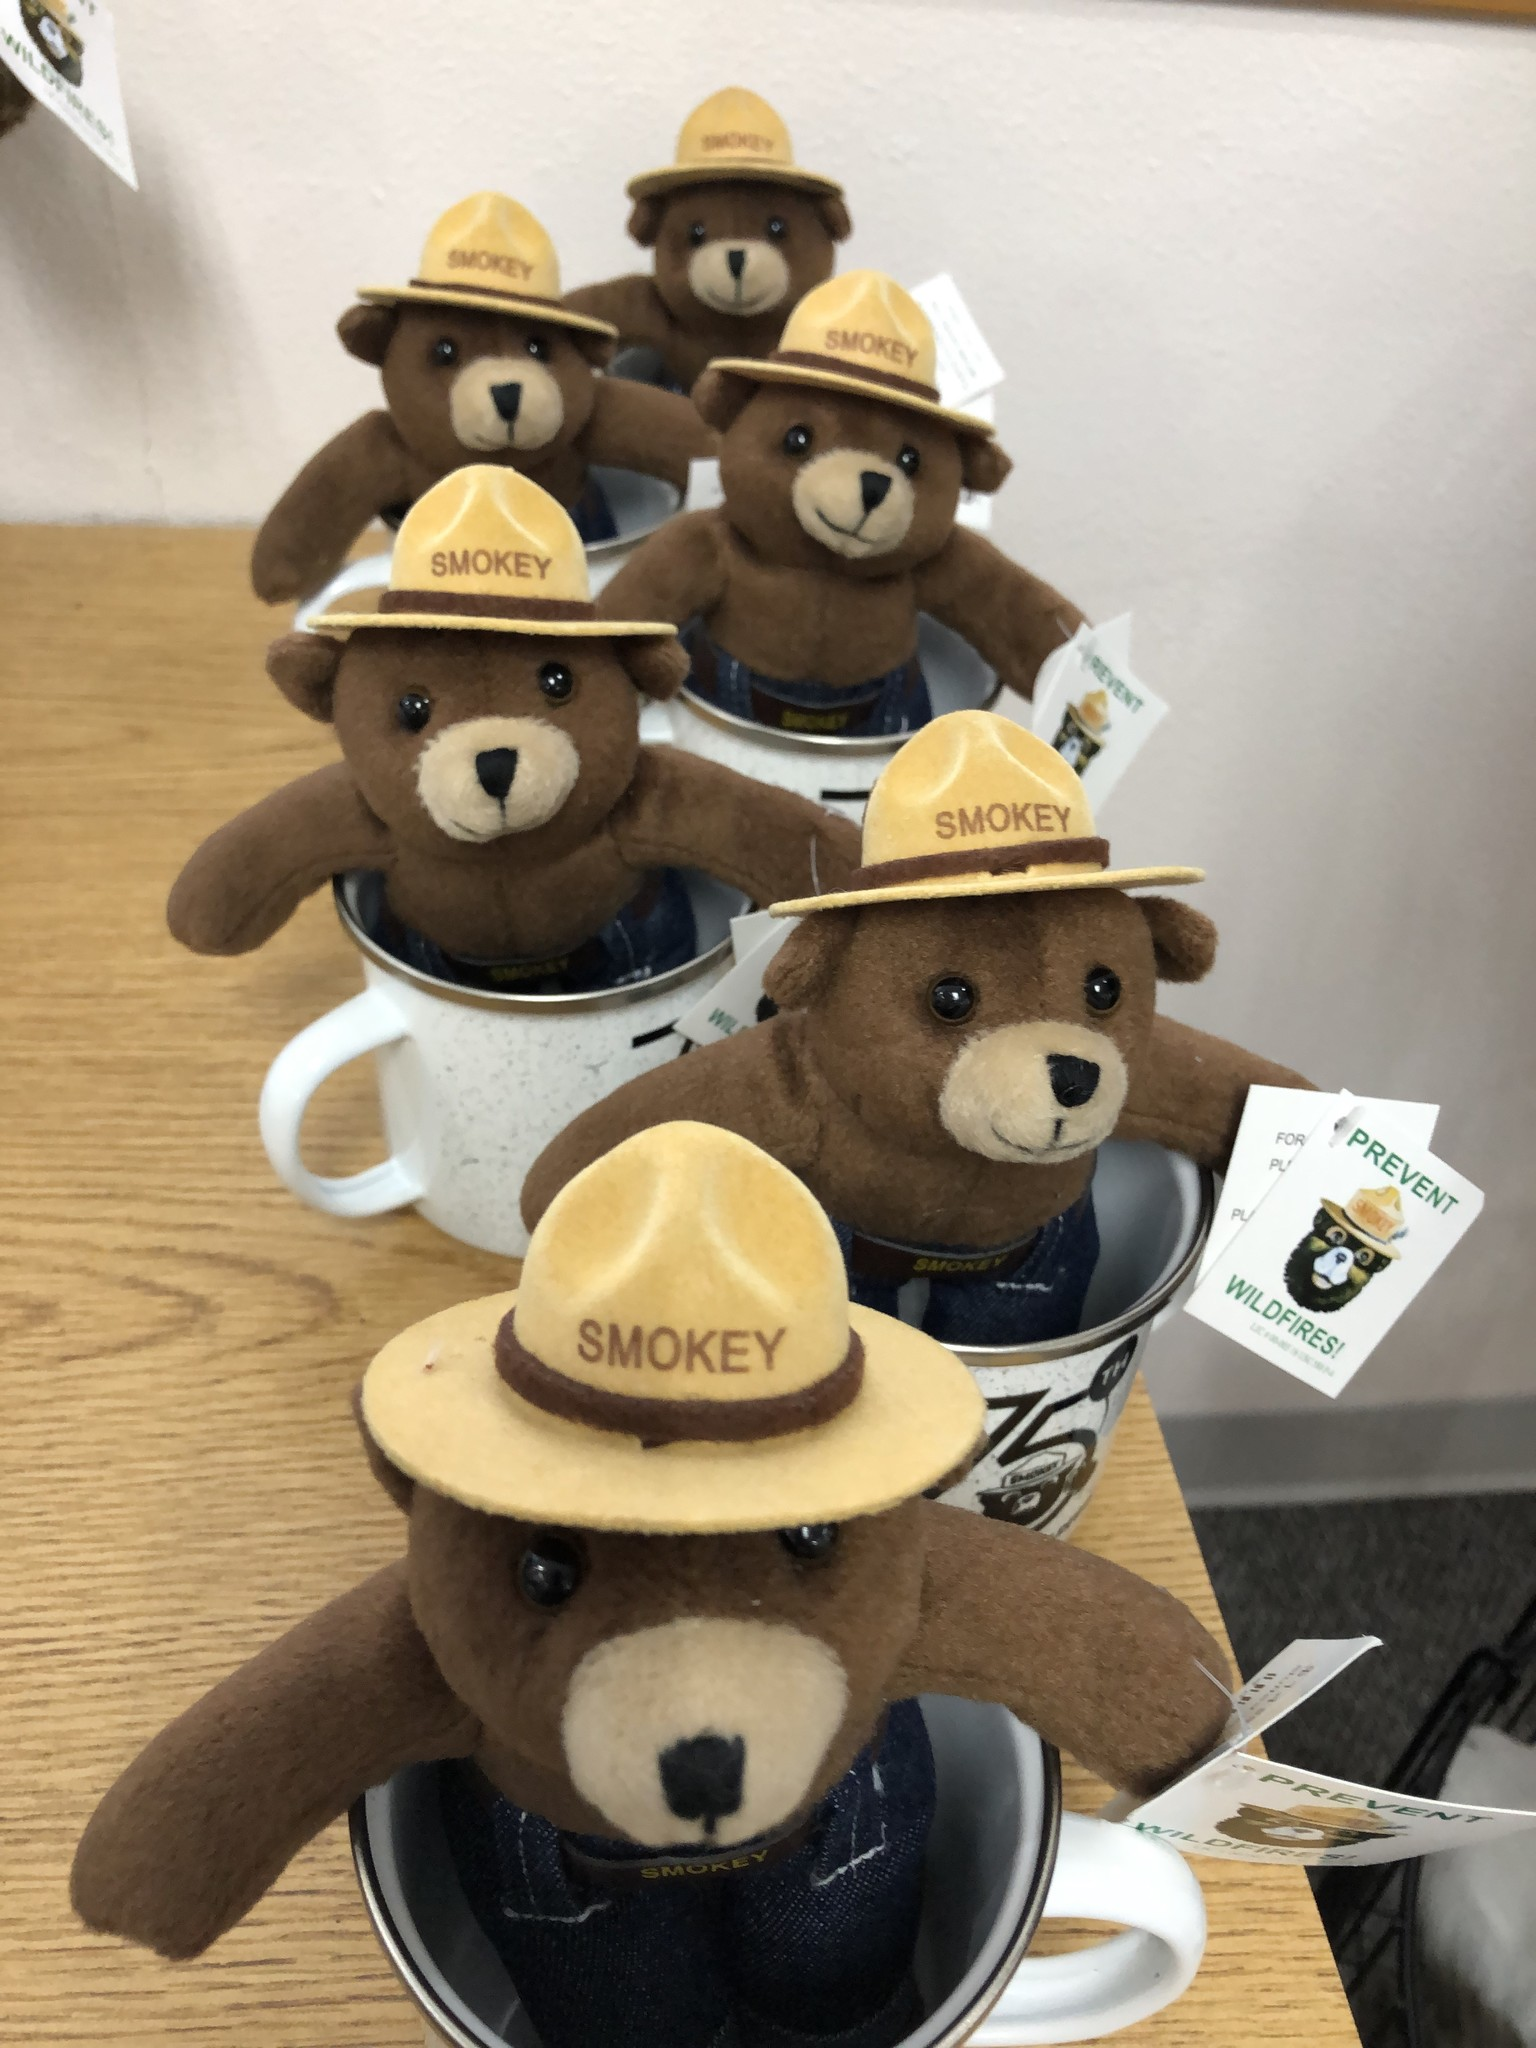 Smokey stuffed bear